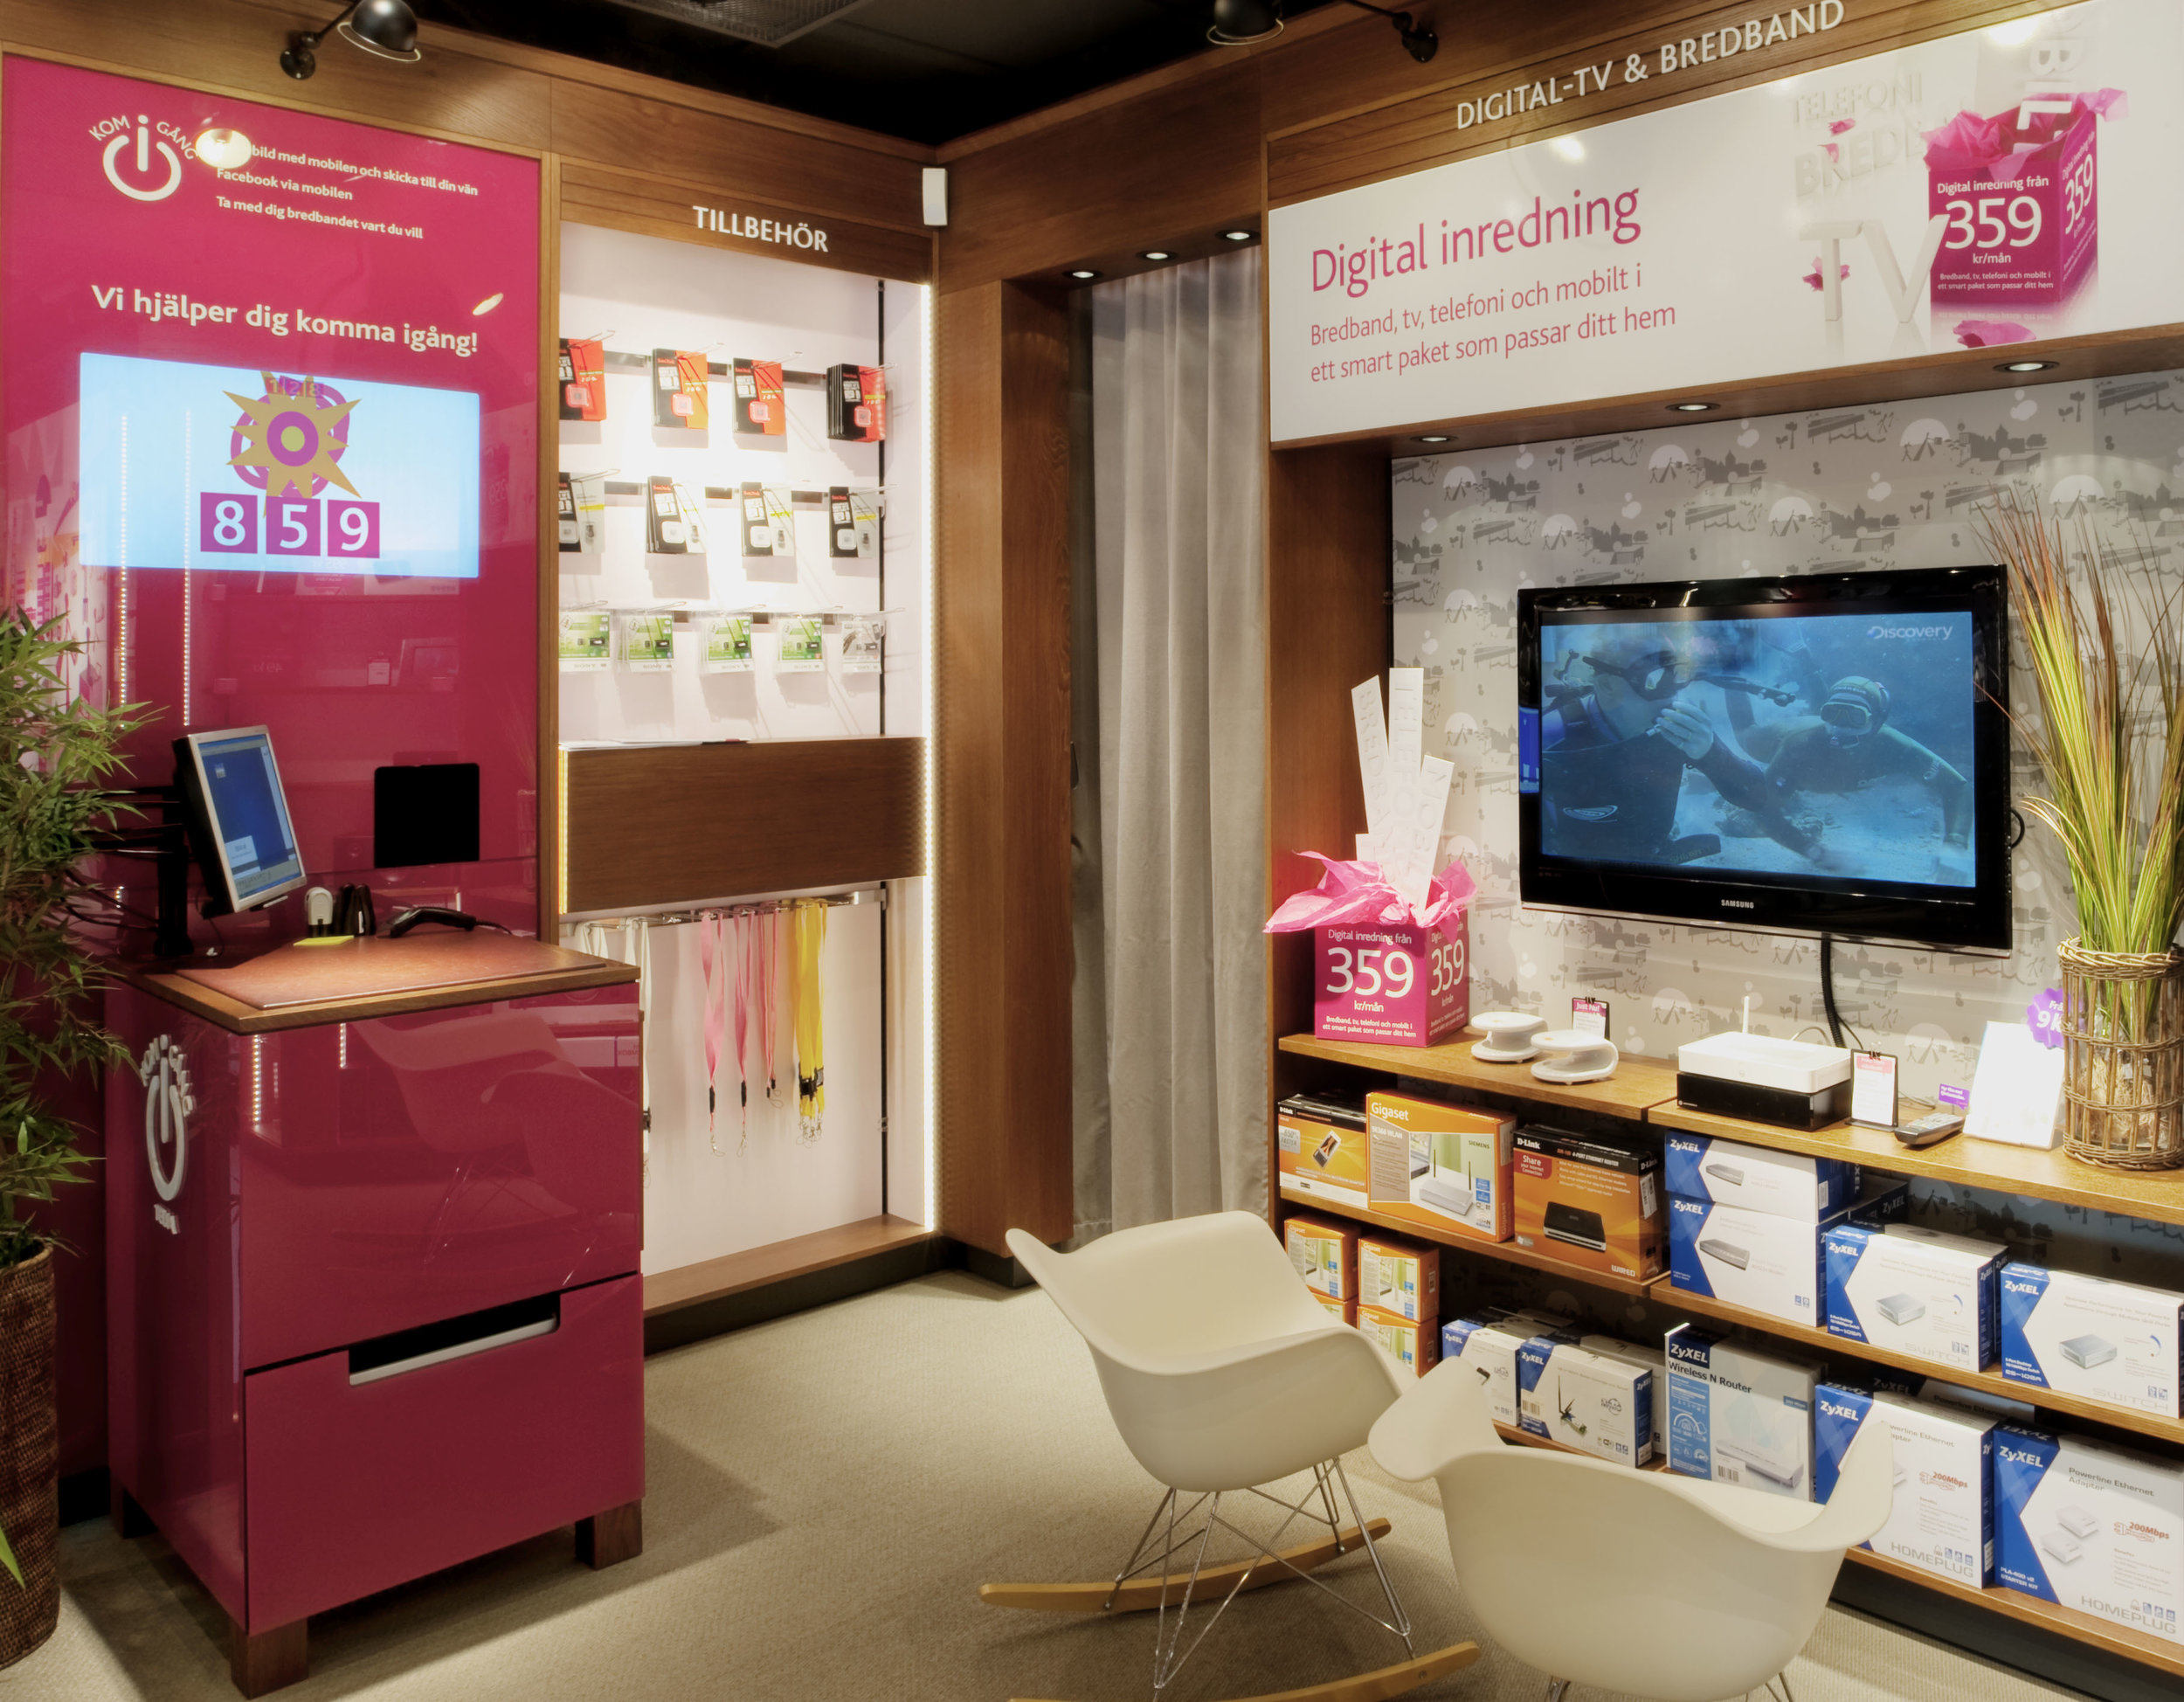 teliasonera_store_digital tv.jpg